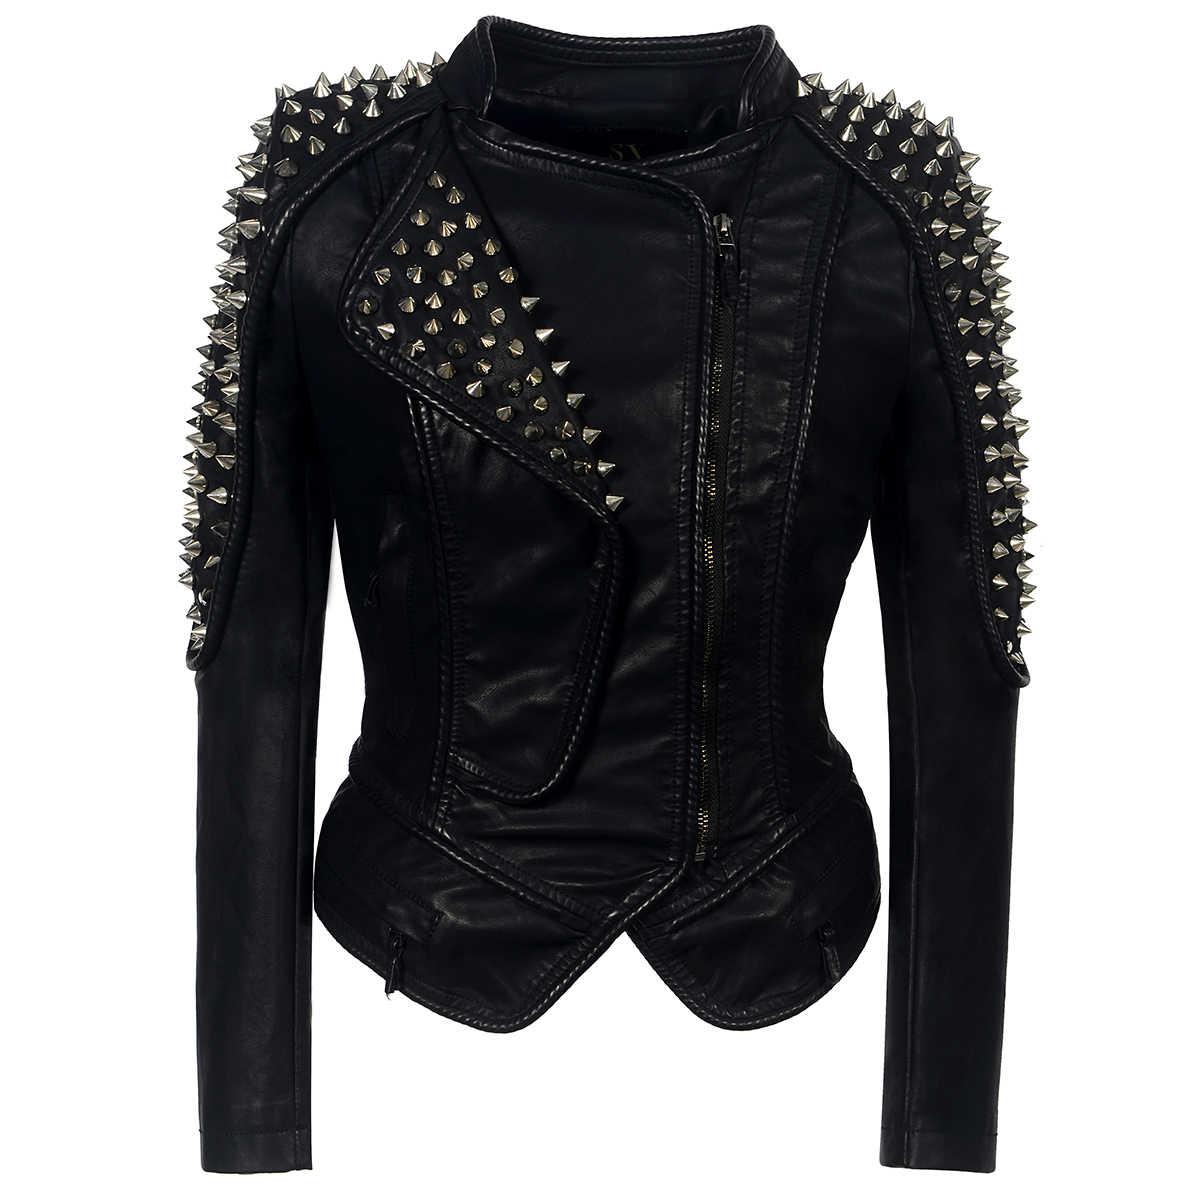 パンクリベットフェイクレザー PU ジャケット女性ファッション冬 AutumnMotorcycle ジャケット黒のフェイクレザーコート上着パンク